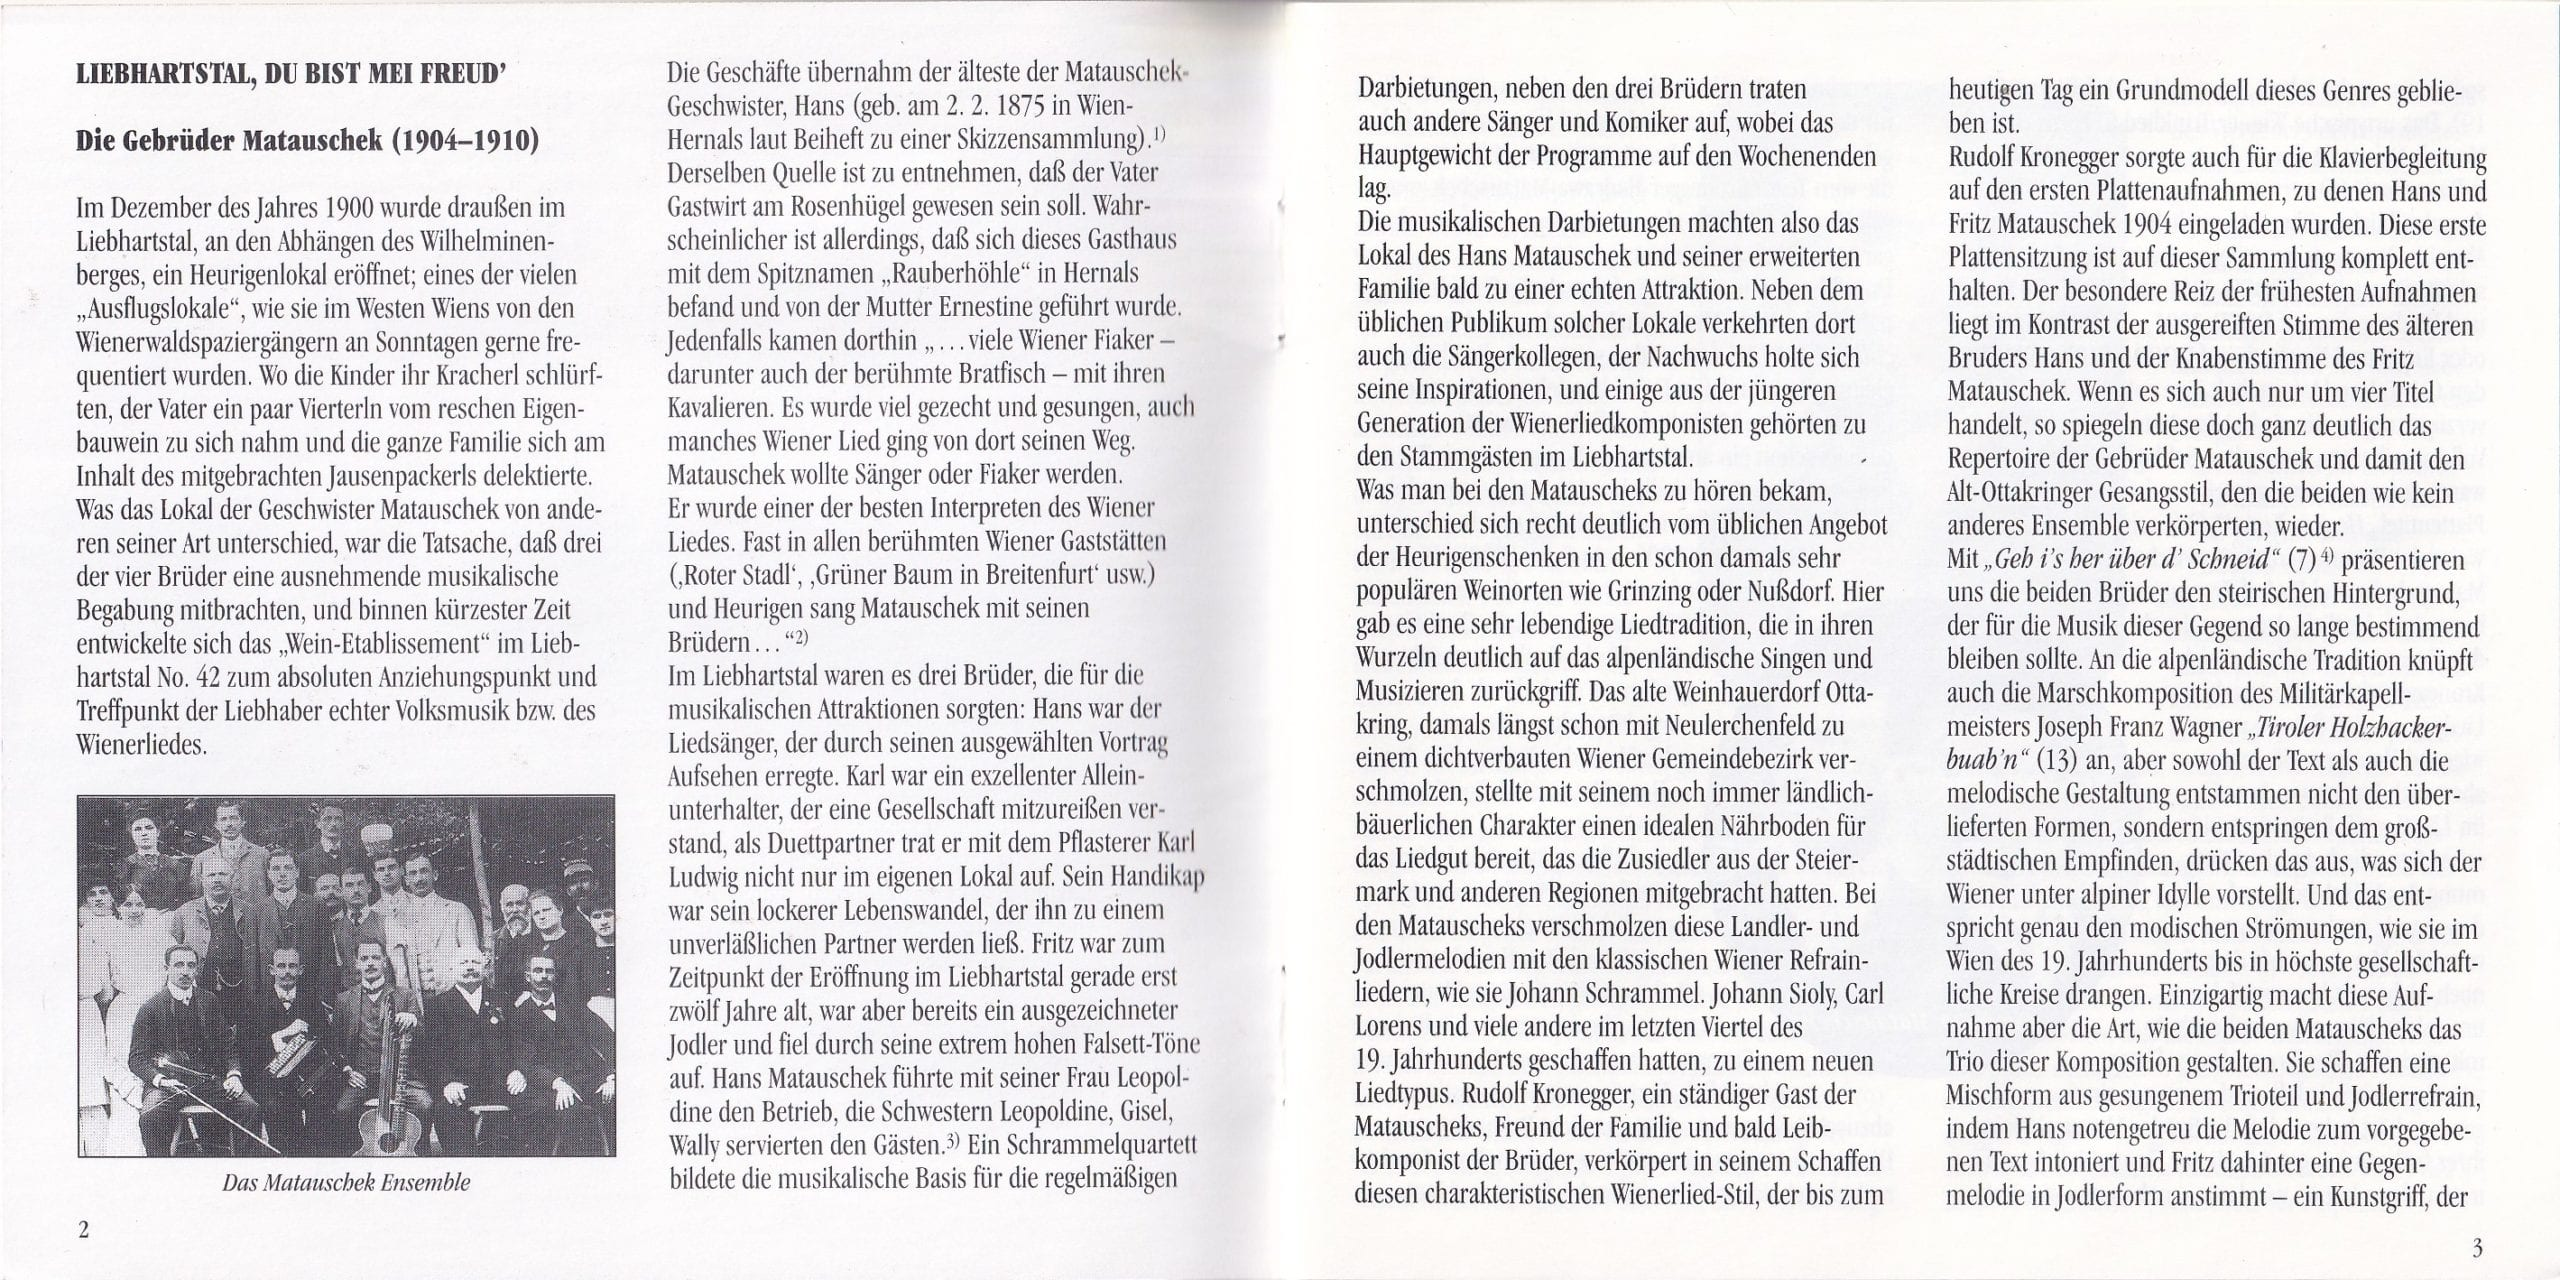 Liebhartstal, du bist mei Freud – Booklet – 4-5